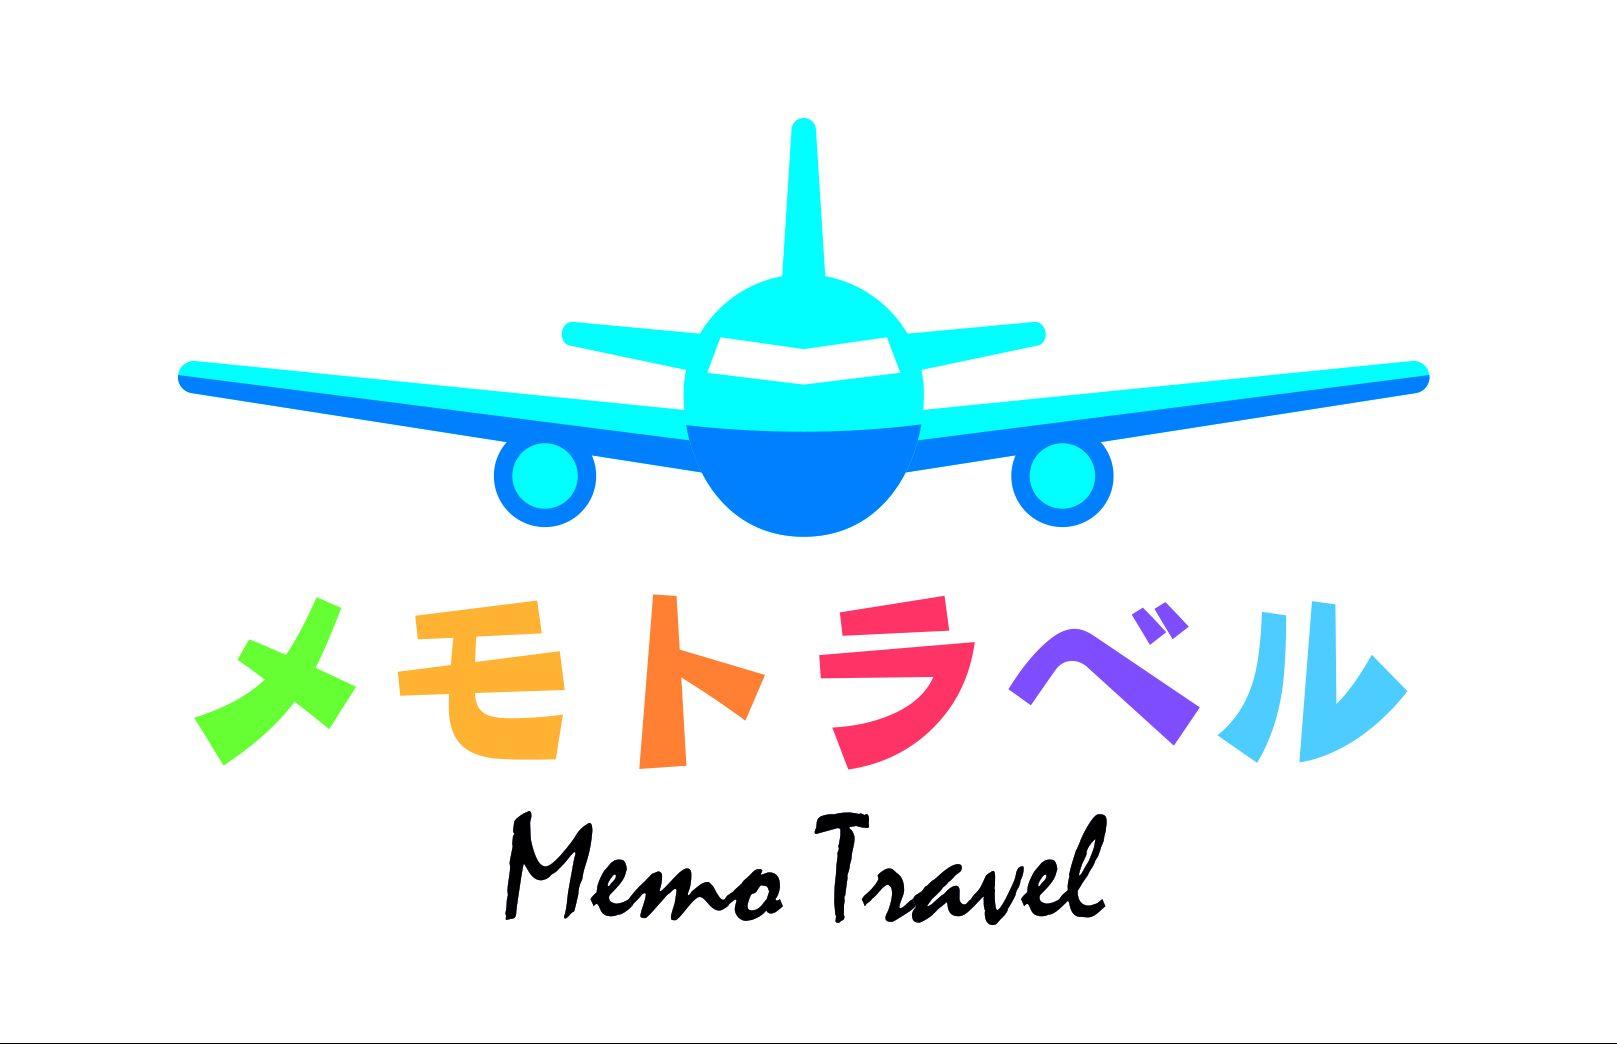 https://www.memotravel.jp/wp-content/uploads/2019/06/LOGO-e1561652550600.jpg